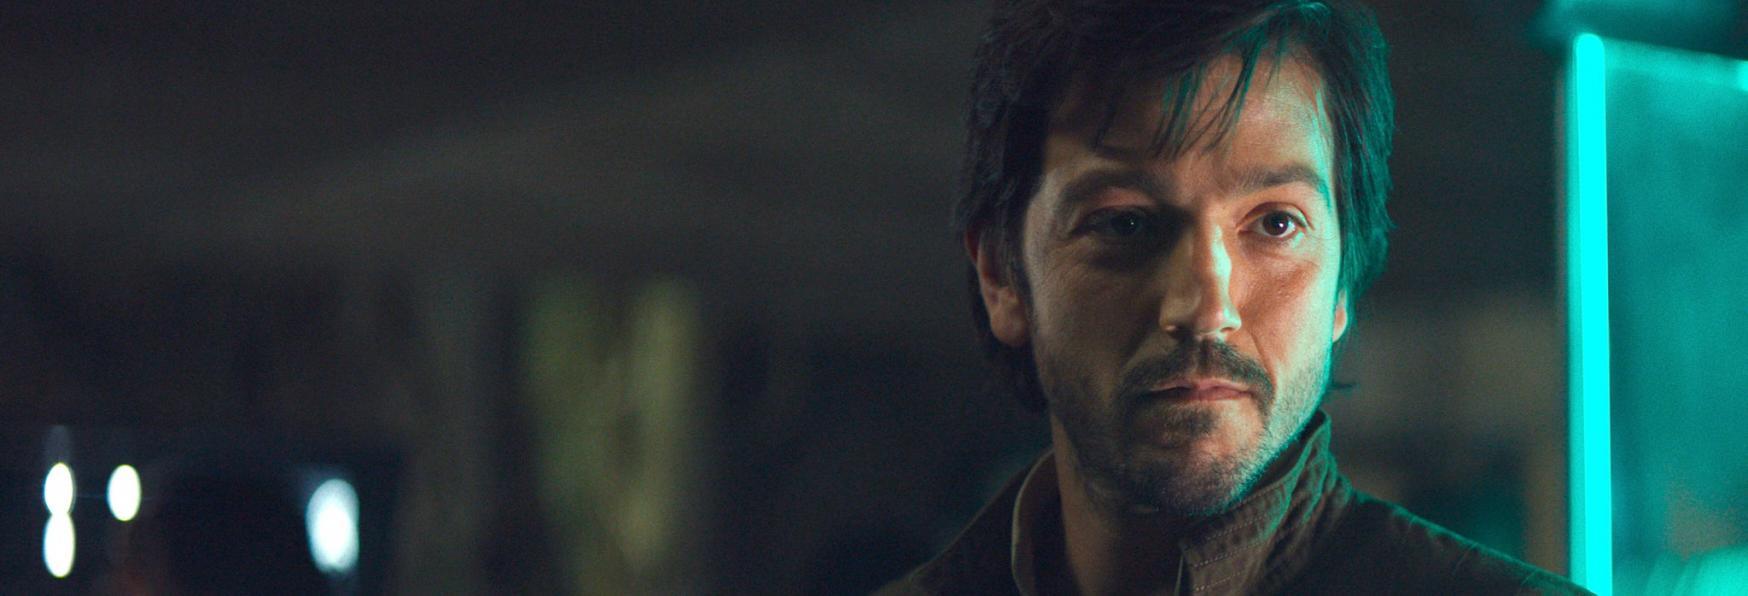 Cassian Andor: Tony Gilroy (scrittore di Rogue One) sarà il nuovo Showrunner della Serie TV